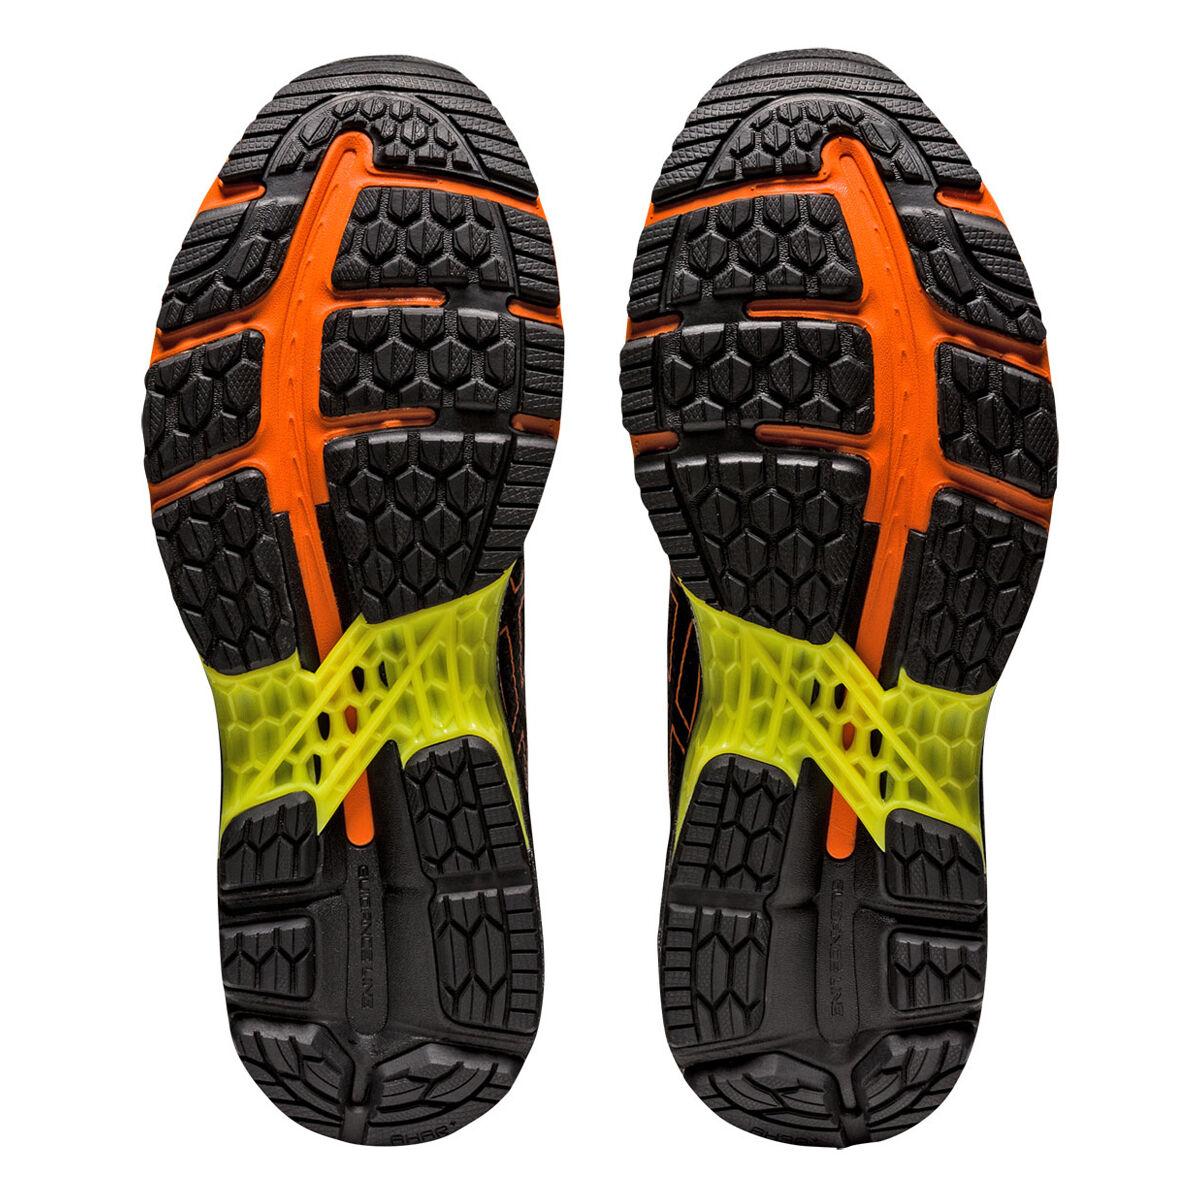 Asics GEL Superion 4 Mens Running Shoes | Rebel Sport